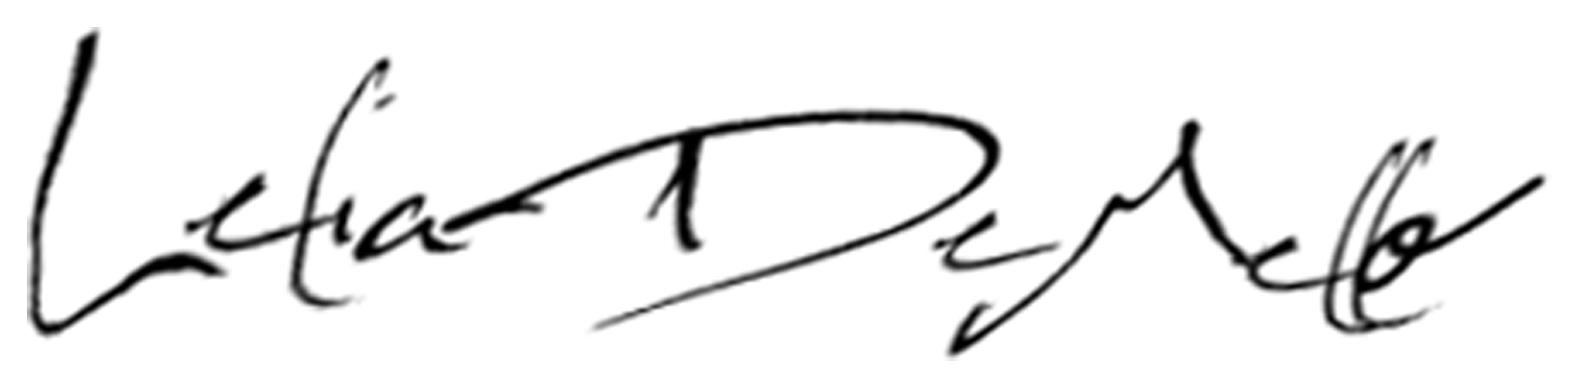 Lelia DeMello Signature